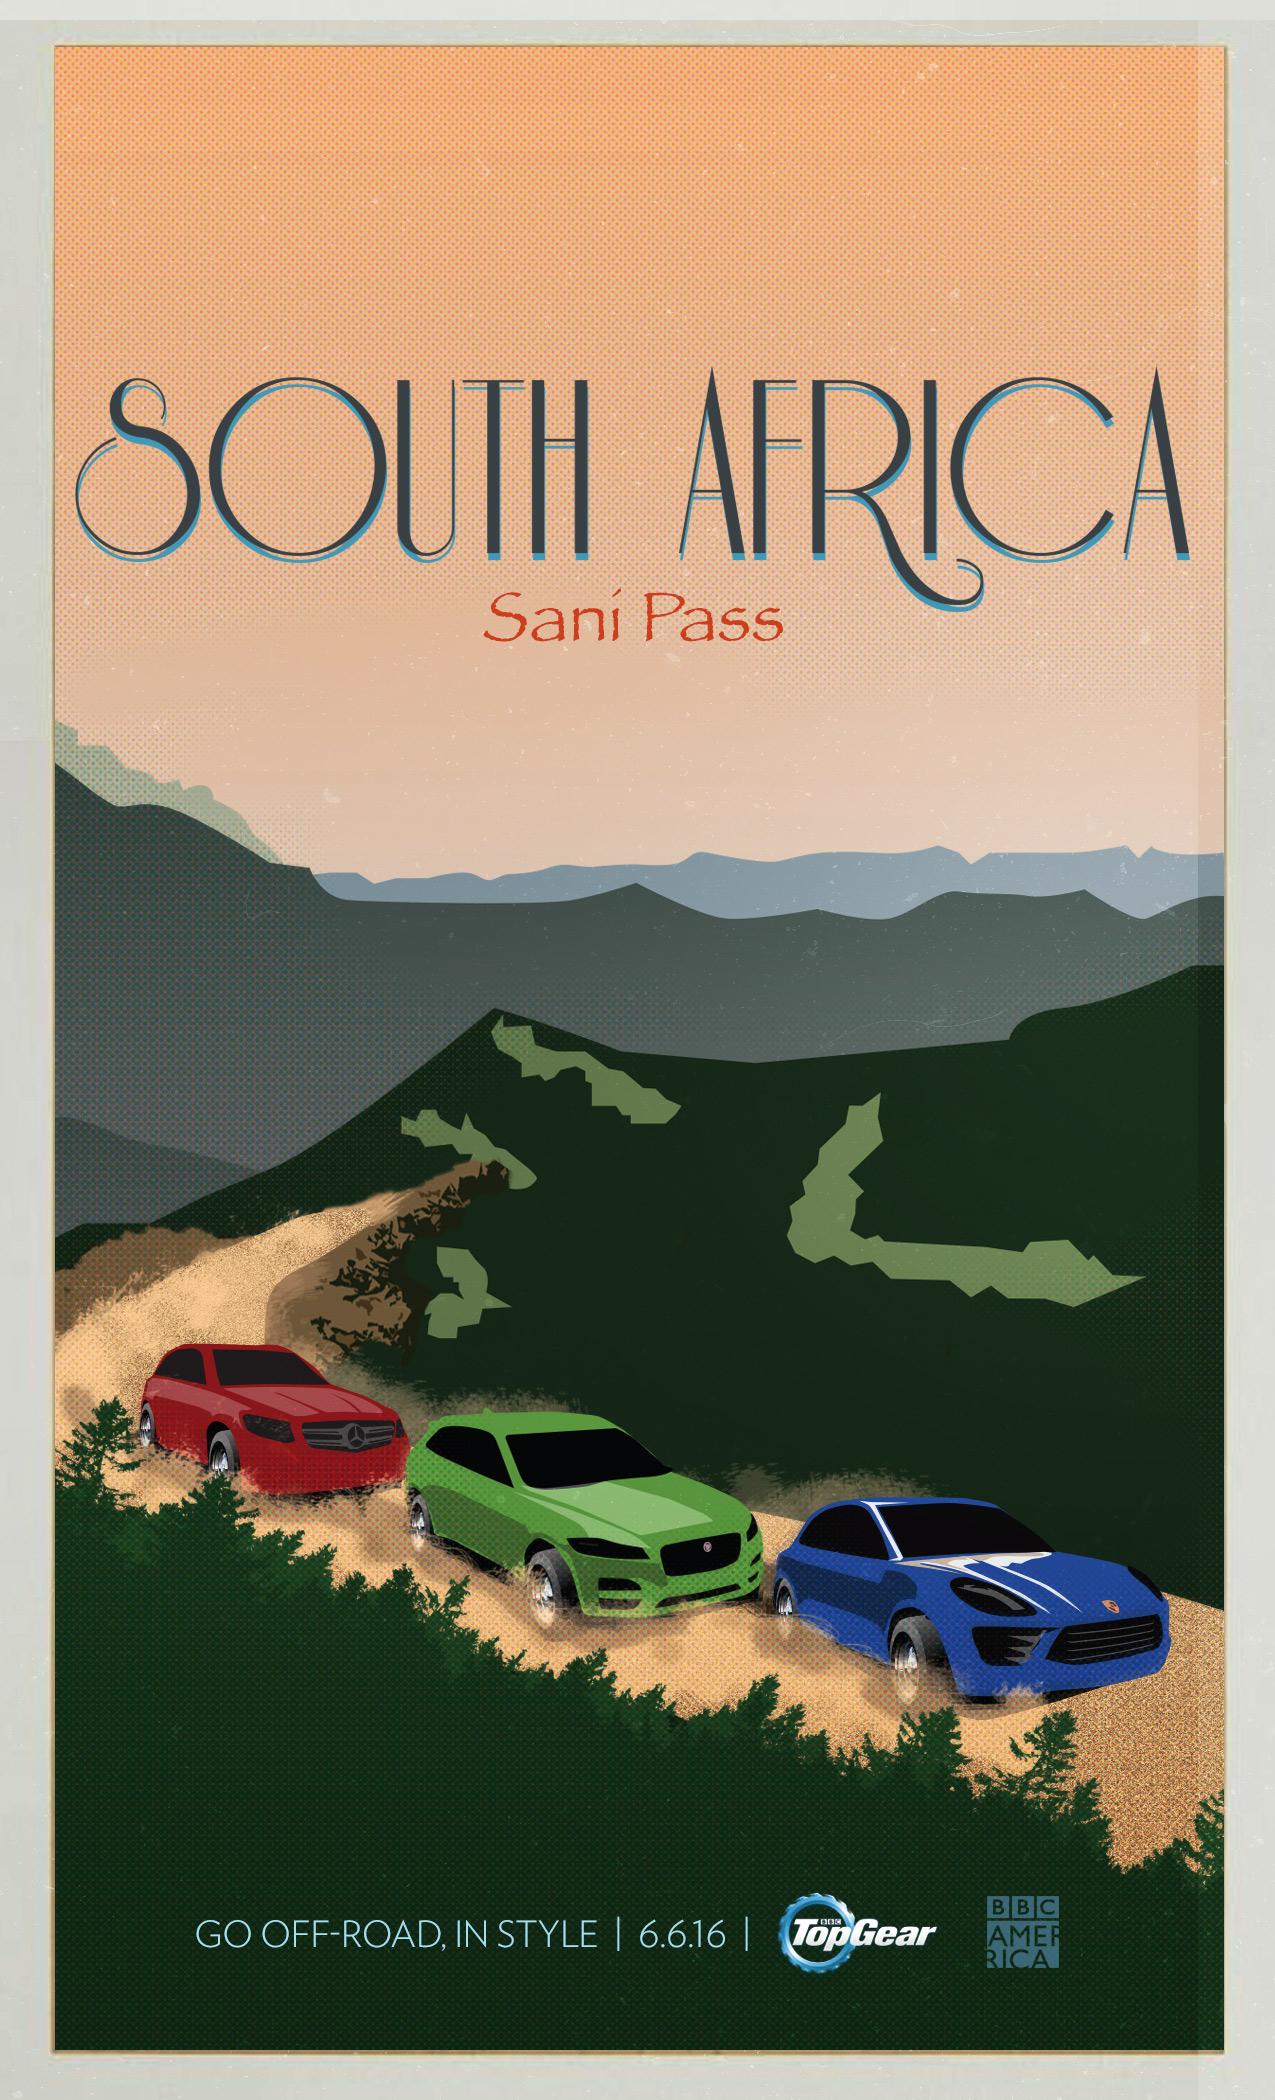 south-africa-sani-pass-1275x2100